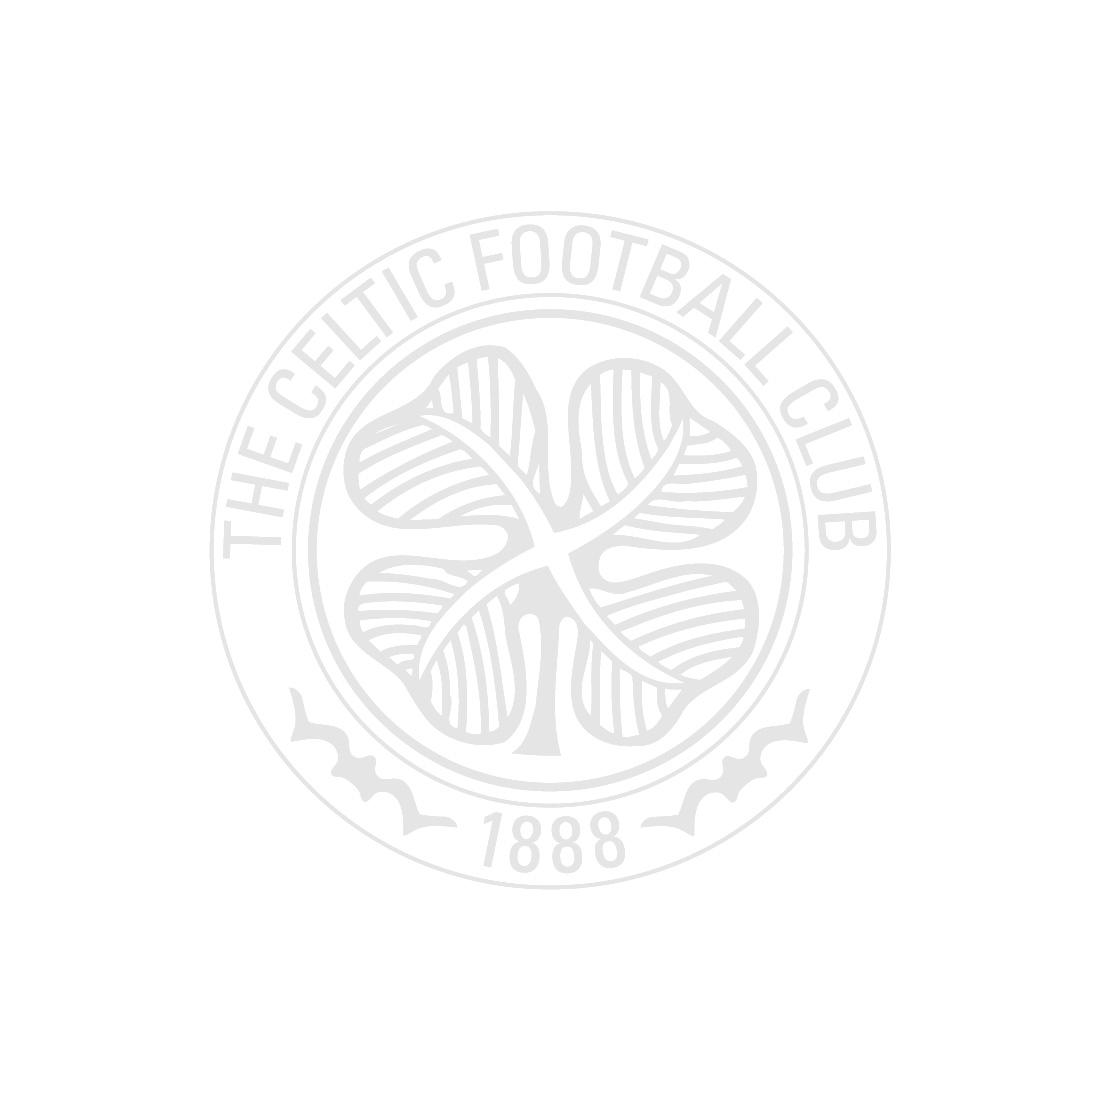 Celtic Hooped Scarf Teddy Bear